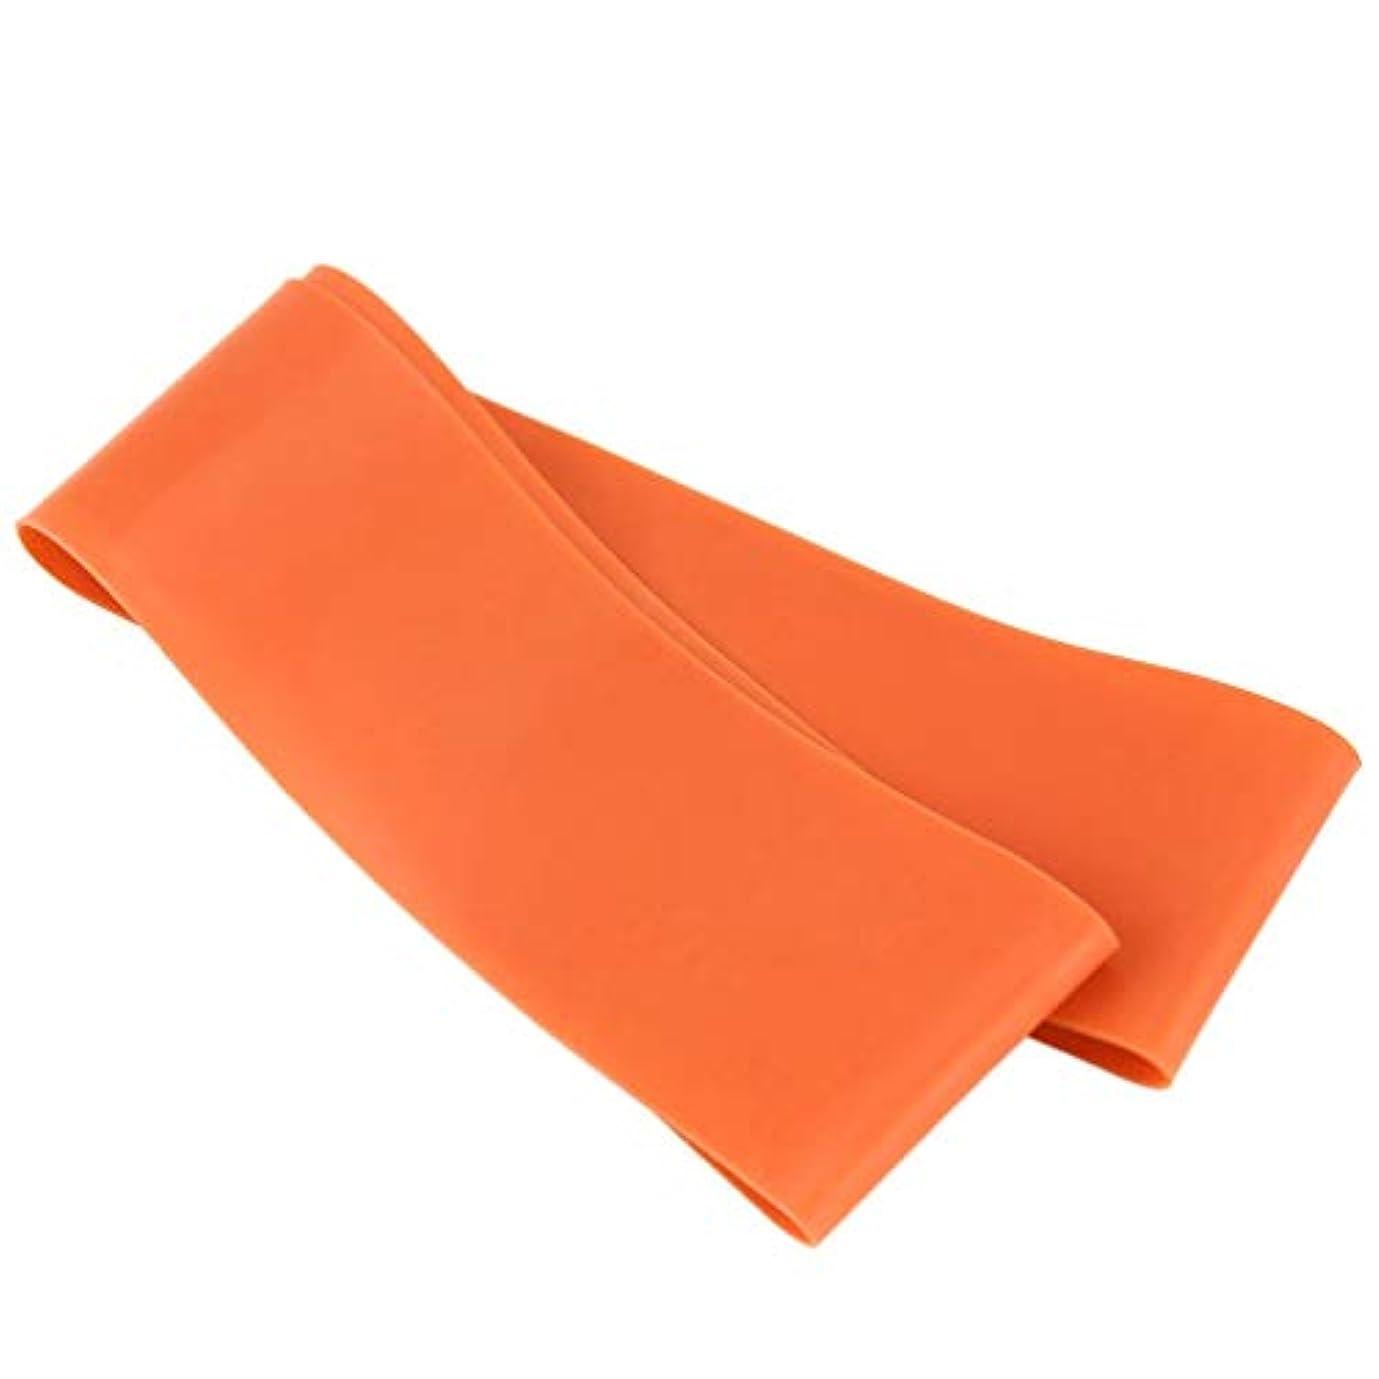 舌インデックスあいまい滑り止めの伸縮性のあるゴム製伸縮性がある伸縮性があるヨガベルトバンド引きロープの張力抵抗バンドループ強度のためのフィットネスヨガツール - オレンジ